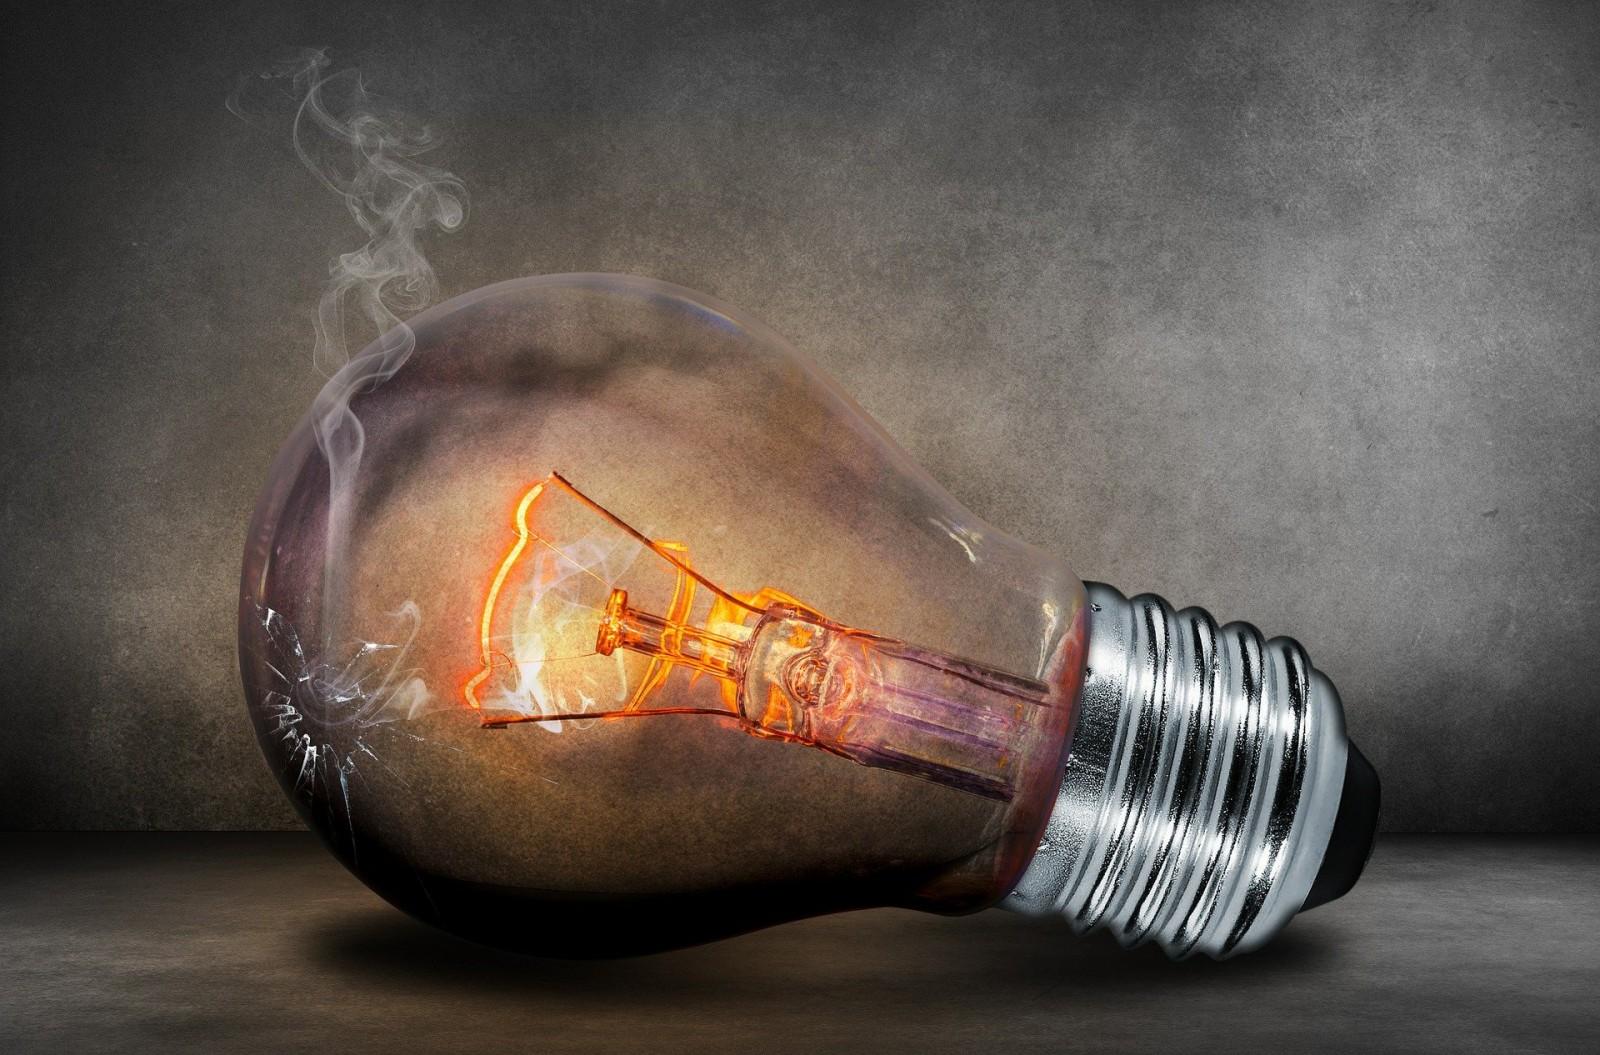 Новый летний максимум потребления электричества зафиксирован в Элисте